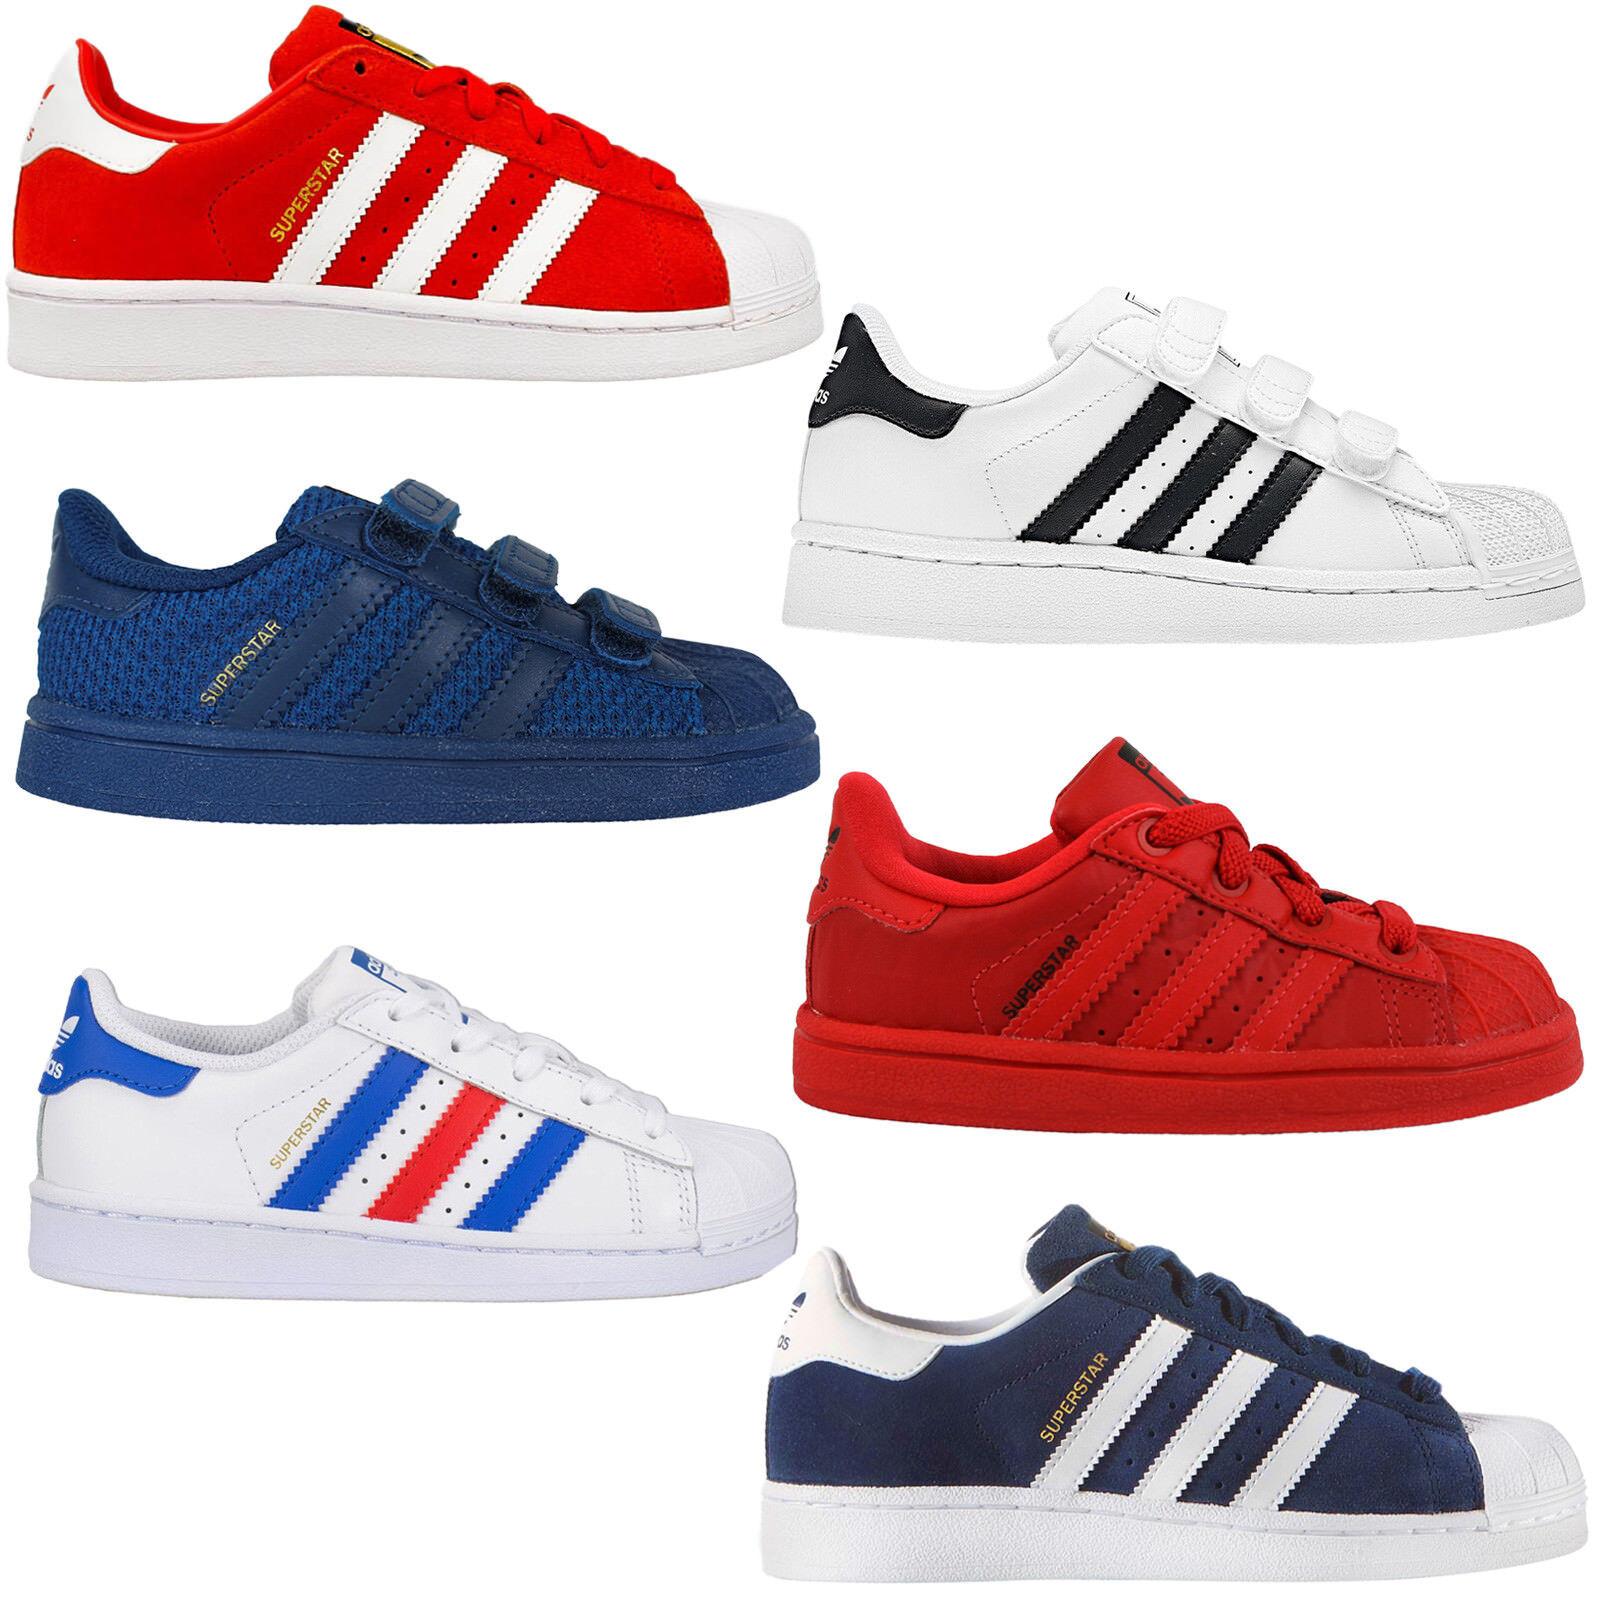 Adidas Originals Superstar Sst Kleinkind Kindertrainer Schuhe Sneakers